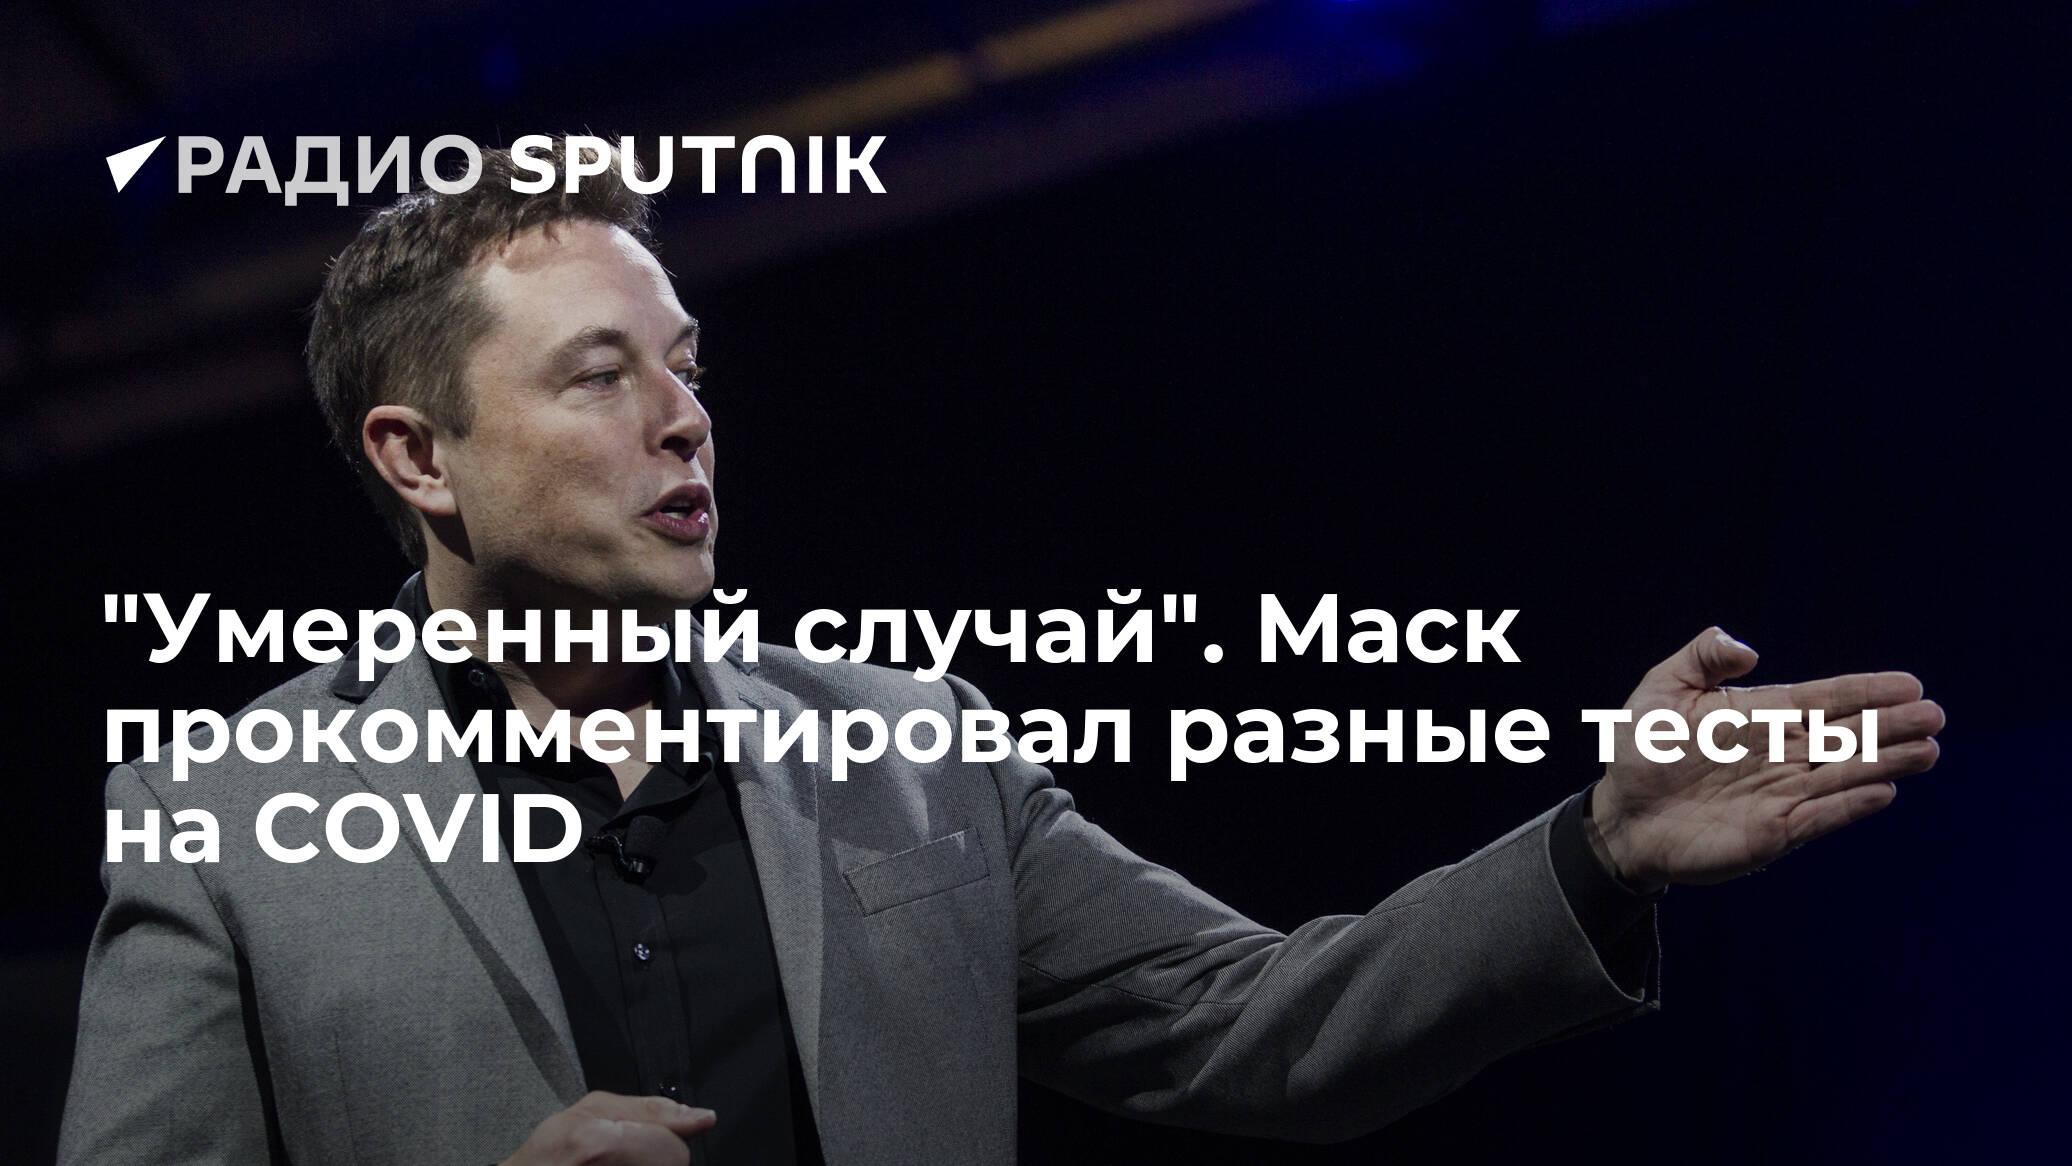 """""""Умеренный случай"""". Маск прокомментировал разные тесты на COVID"""